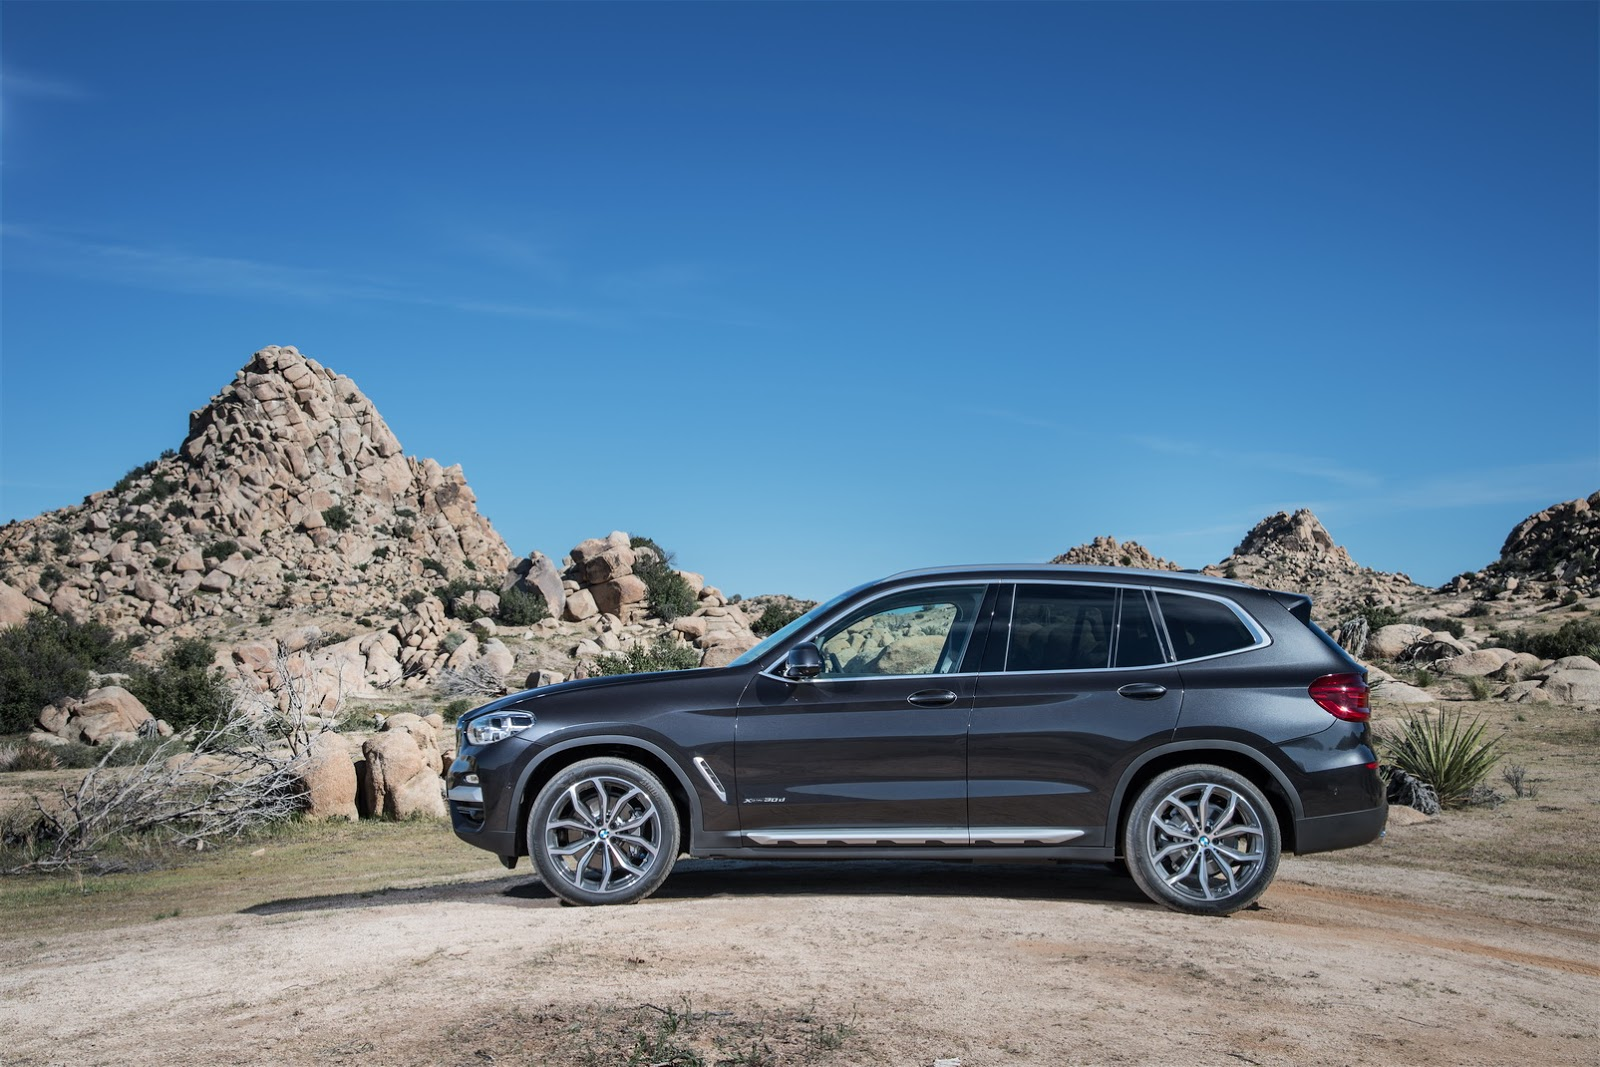 BMW X3 2018 (106)